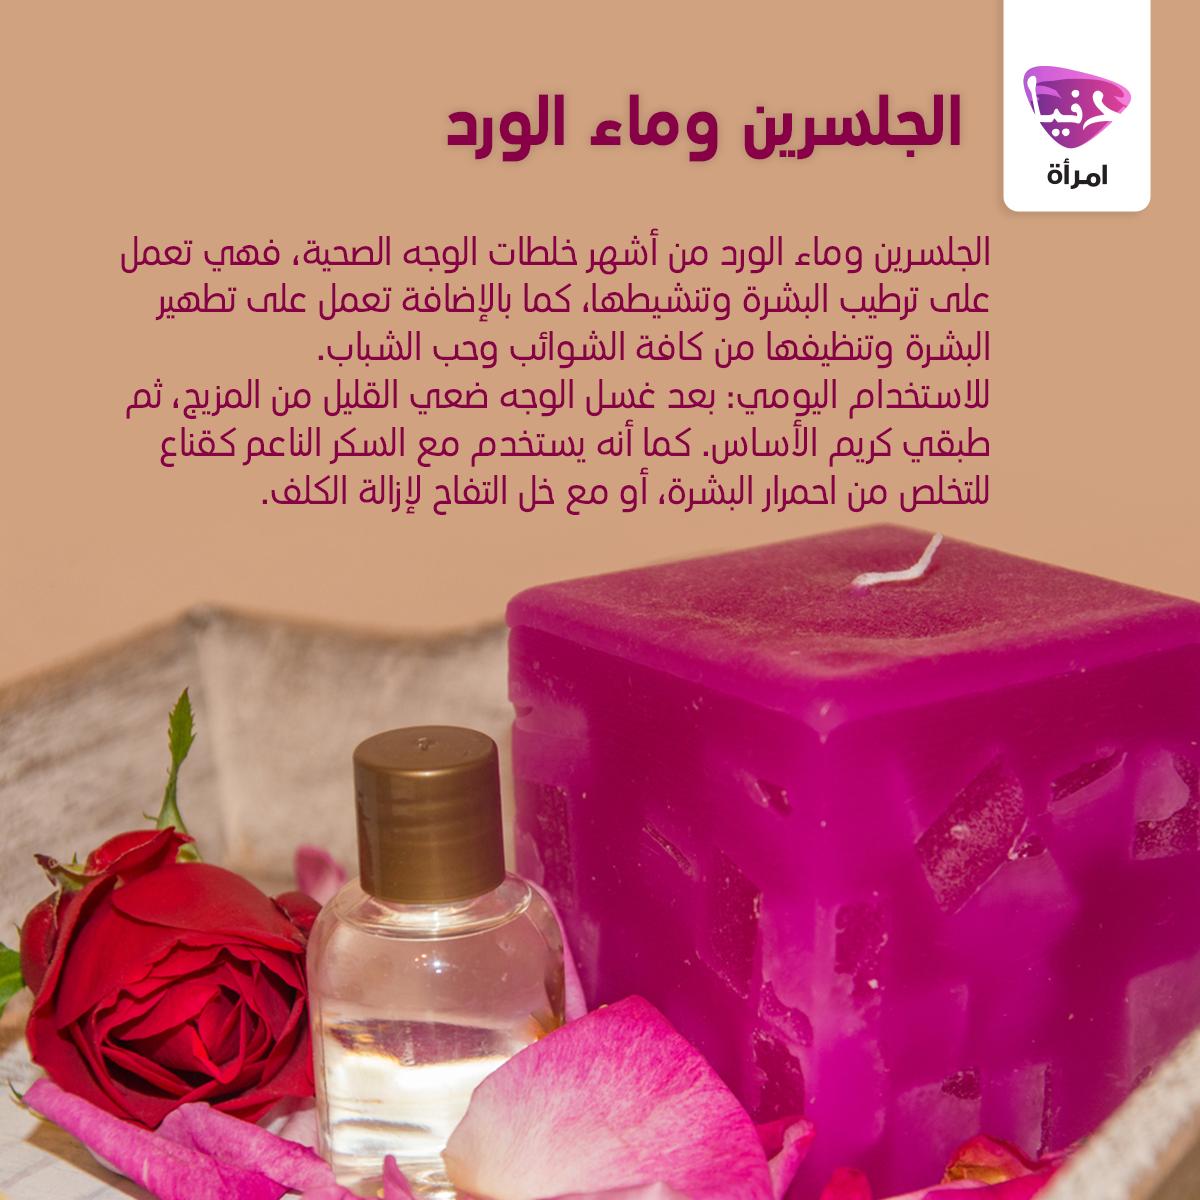 جلسرين ماء وجه ترطيب البشرة العناية بالبشرة دنيا امرأة كويت كويتيات كويتي دبي الامارات السعودية Beauty Skin Care Routine Beauty Care Diy Skin Care